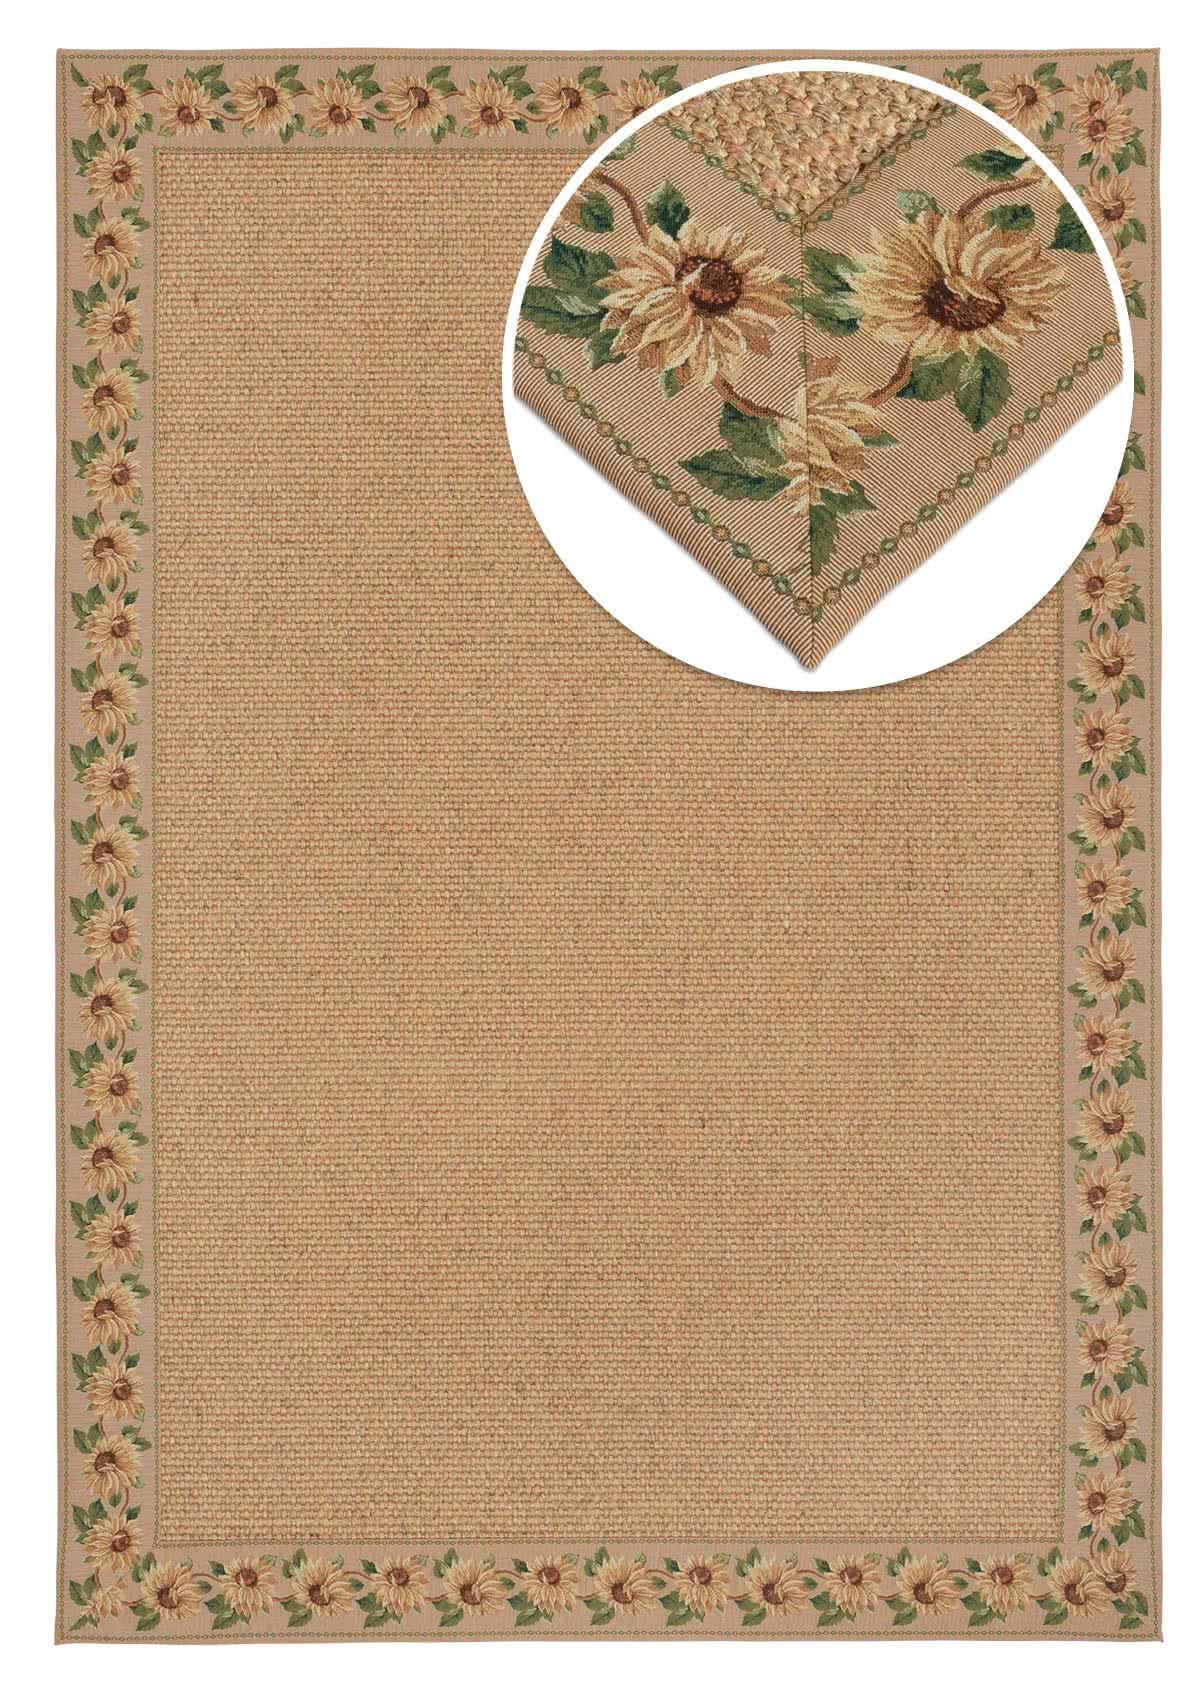 Sisal Teppich Manchu mit Sonnenblumen - Bordüre